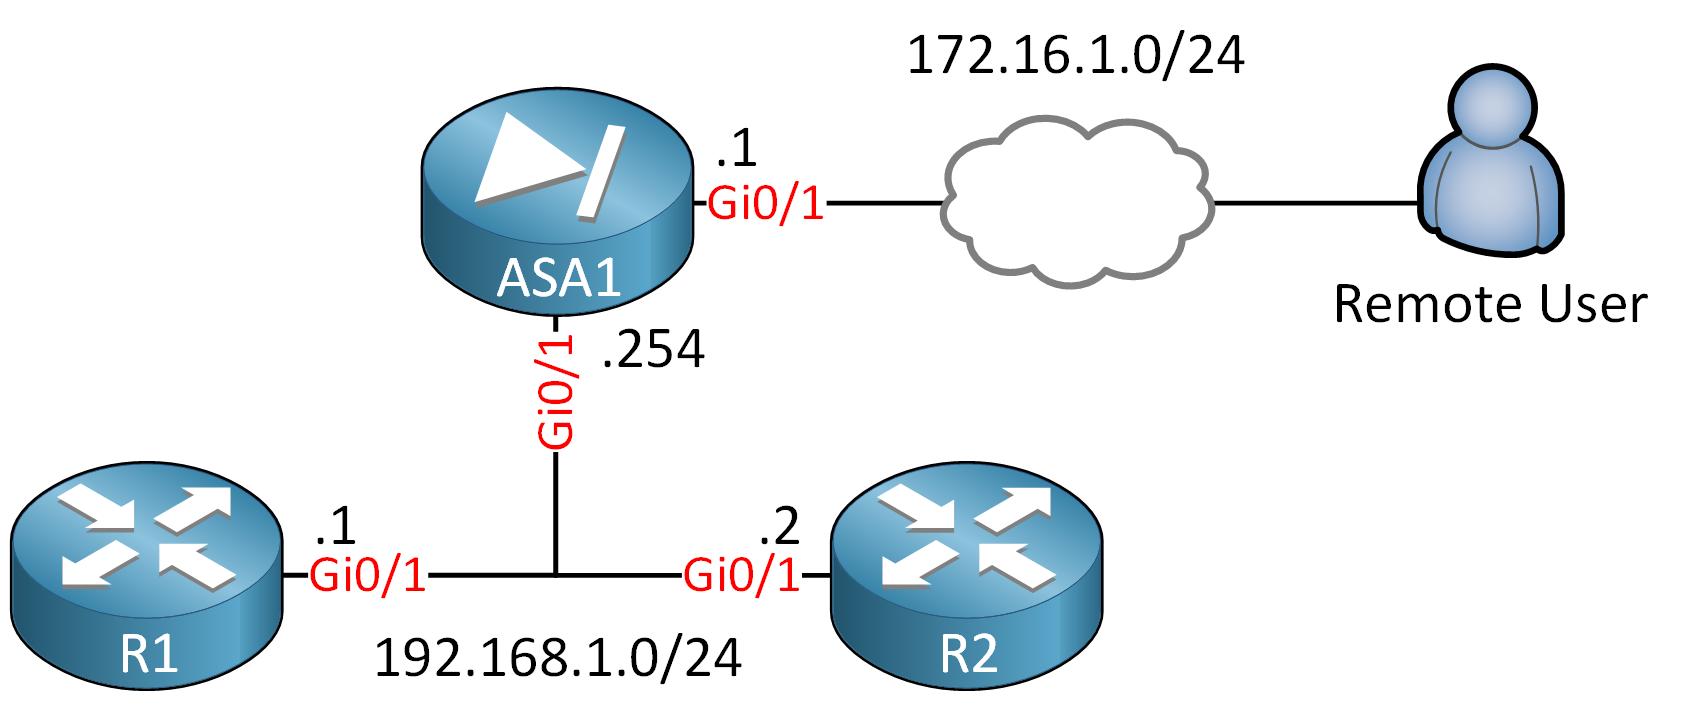 Asa1 R1 R2 Remote User